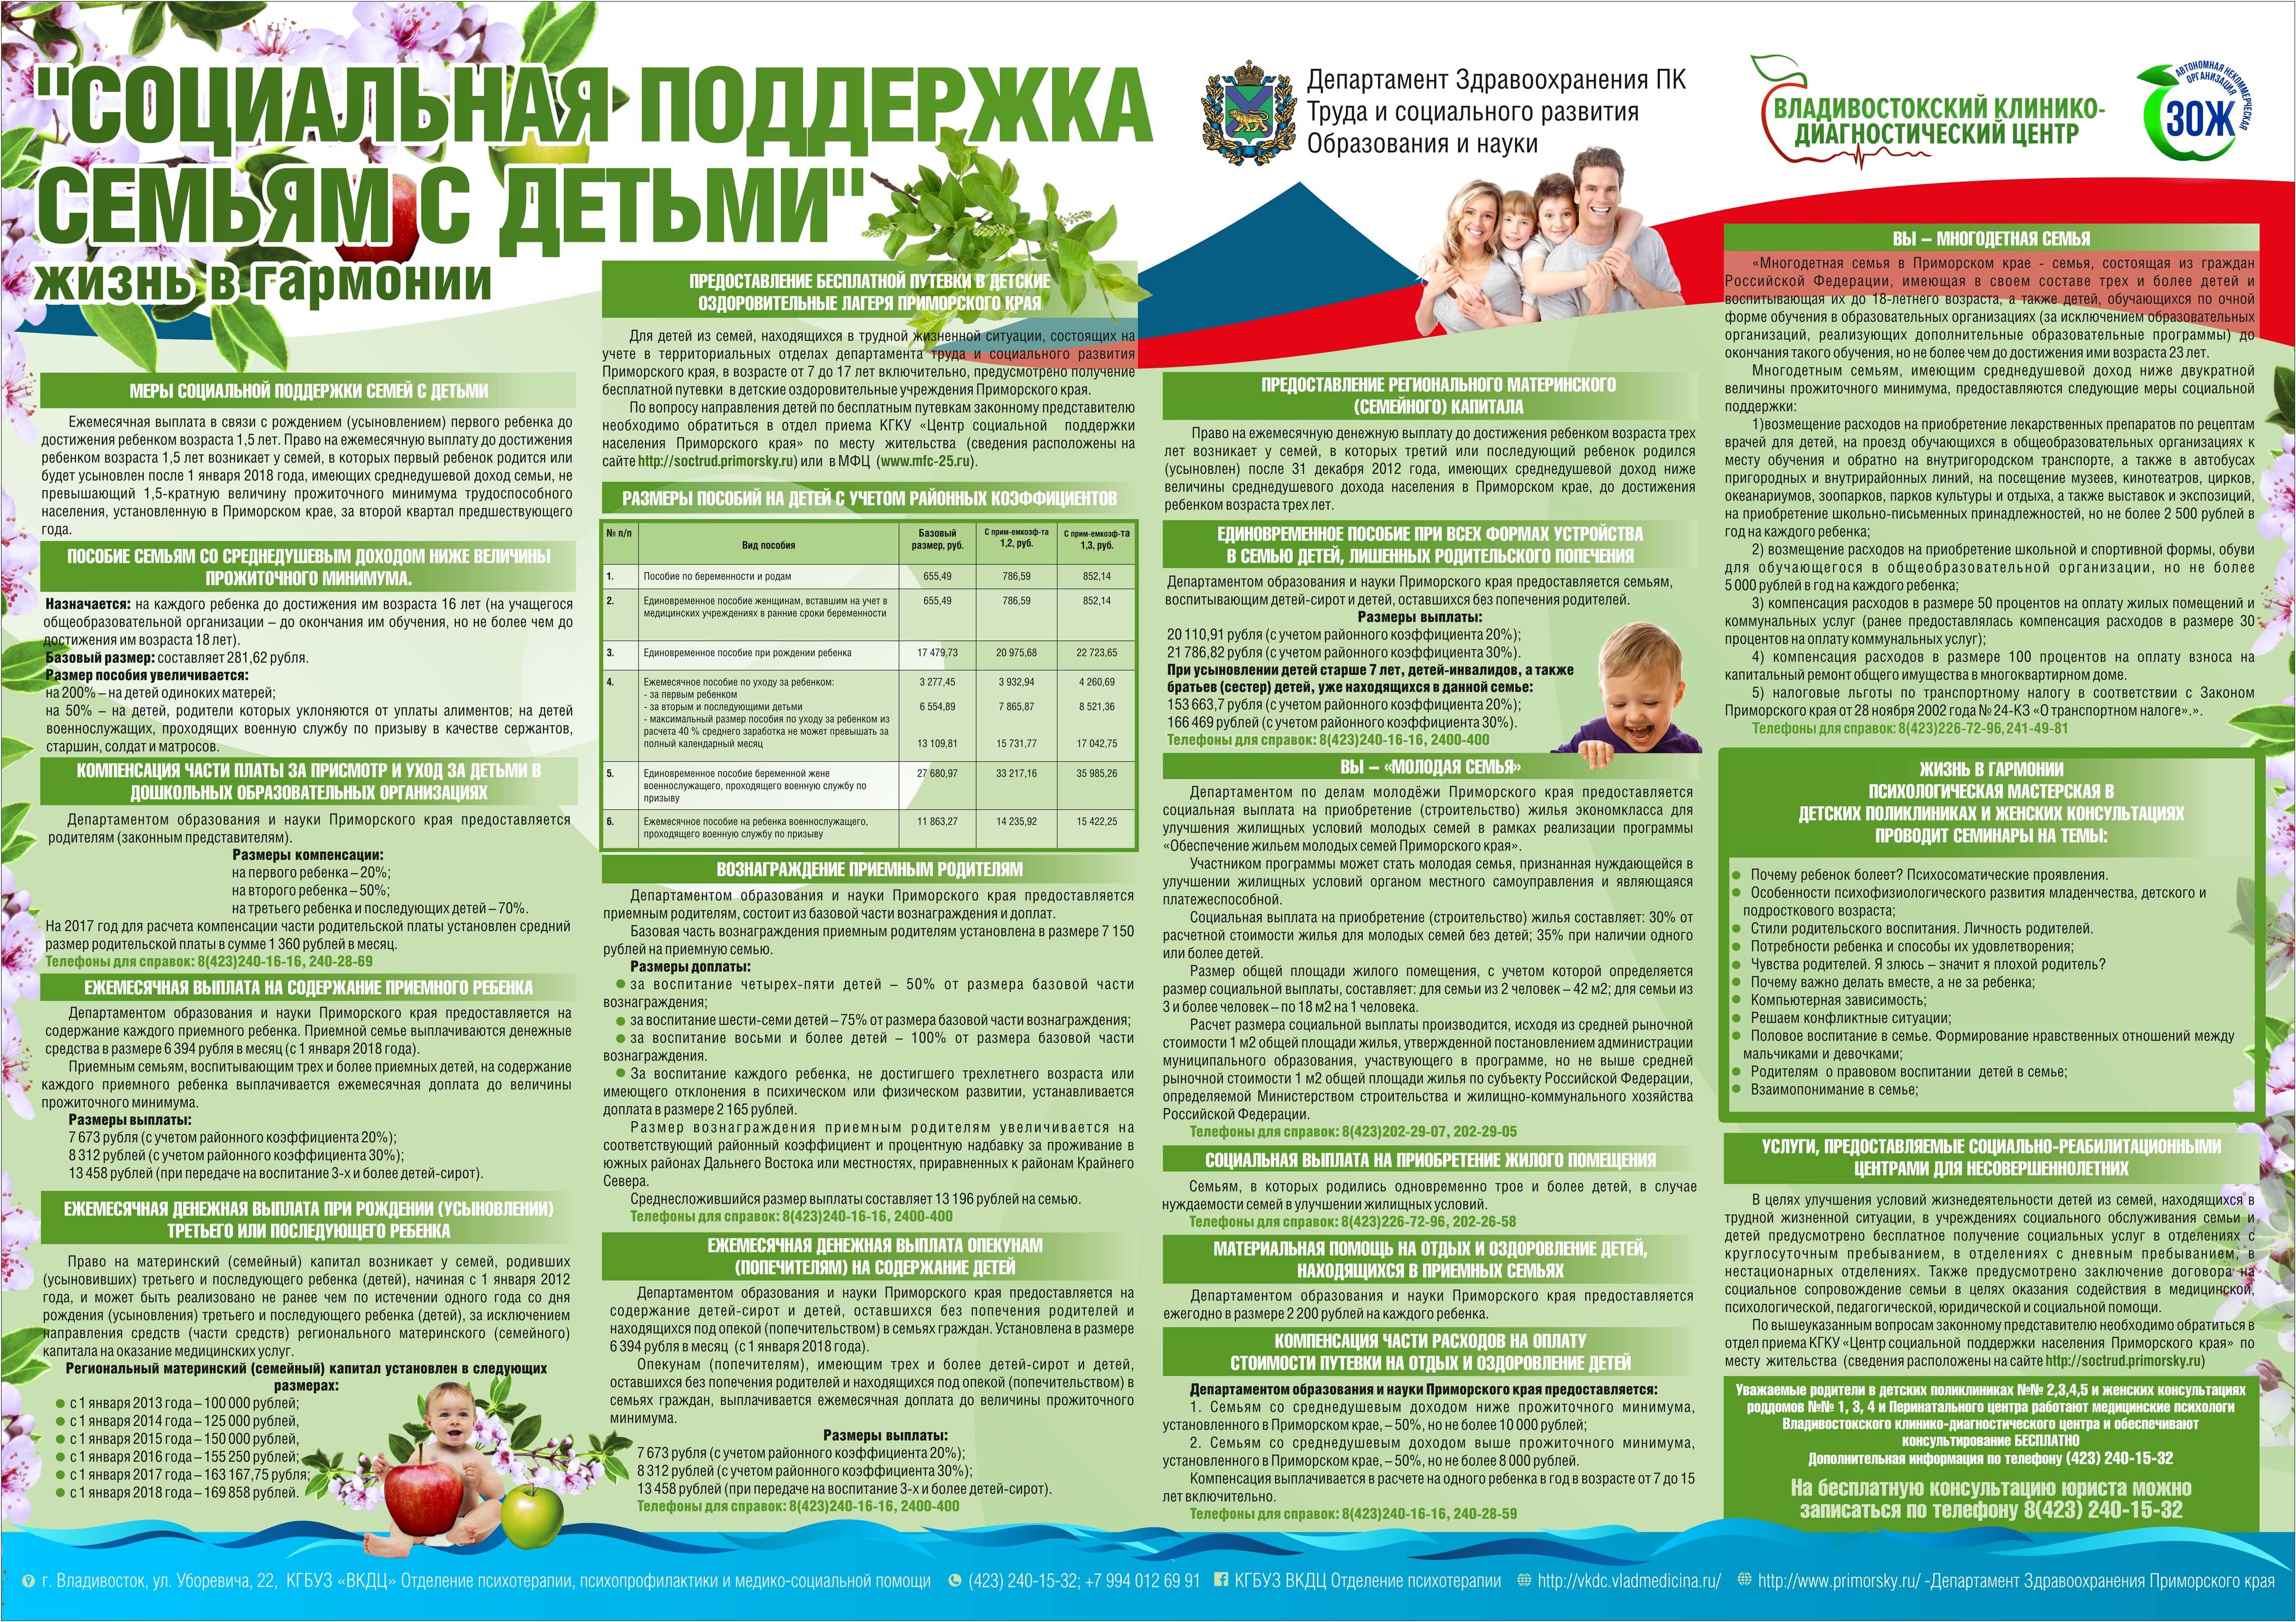 В разделе «Пациентам» размещена информация по мерам социальной поддержки семей с детьми